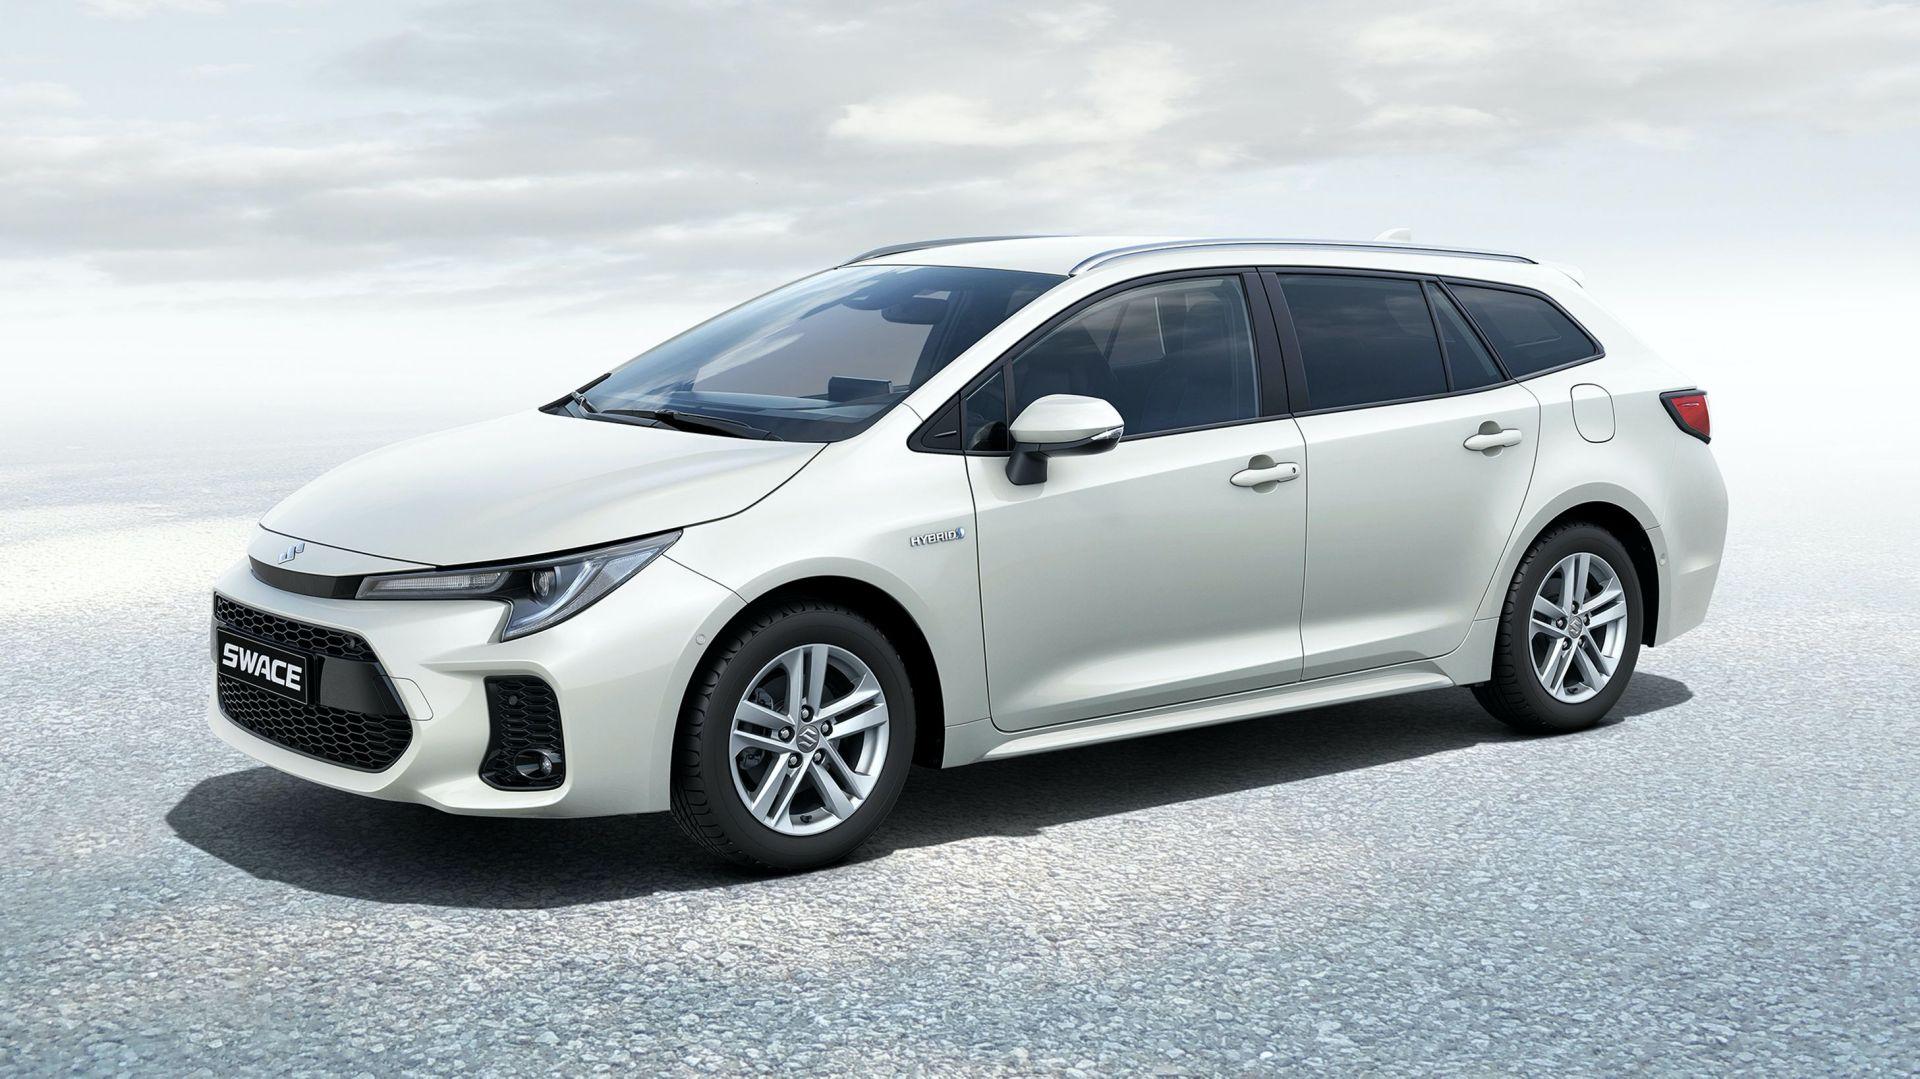 Suzuki passa a vender nova geração do Toyota Corolla Fielder